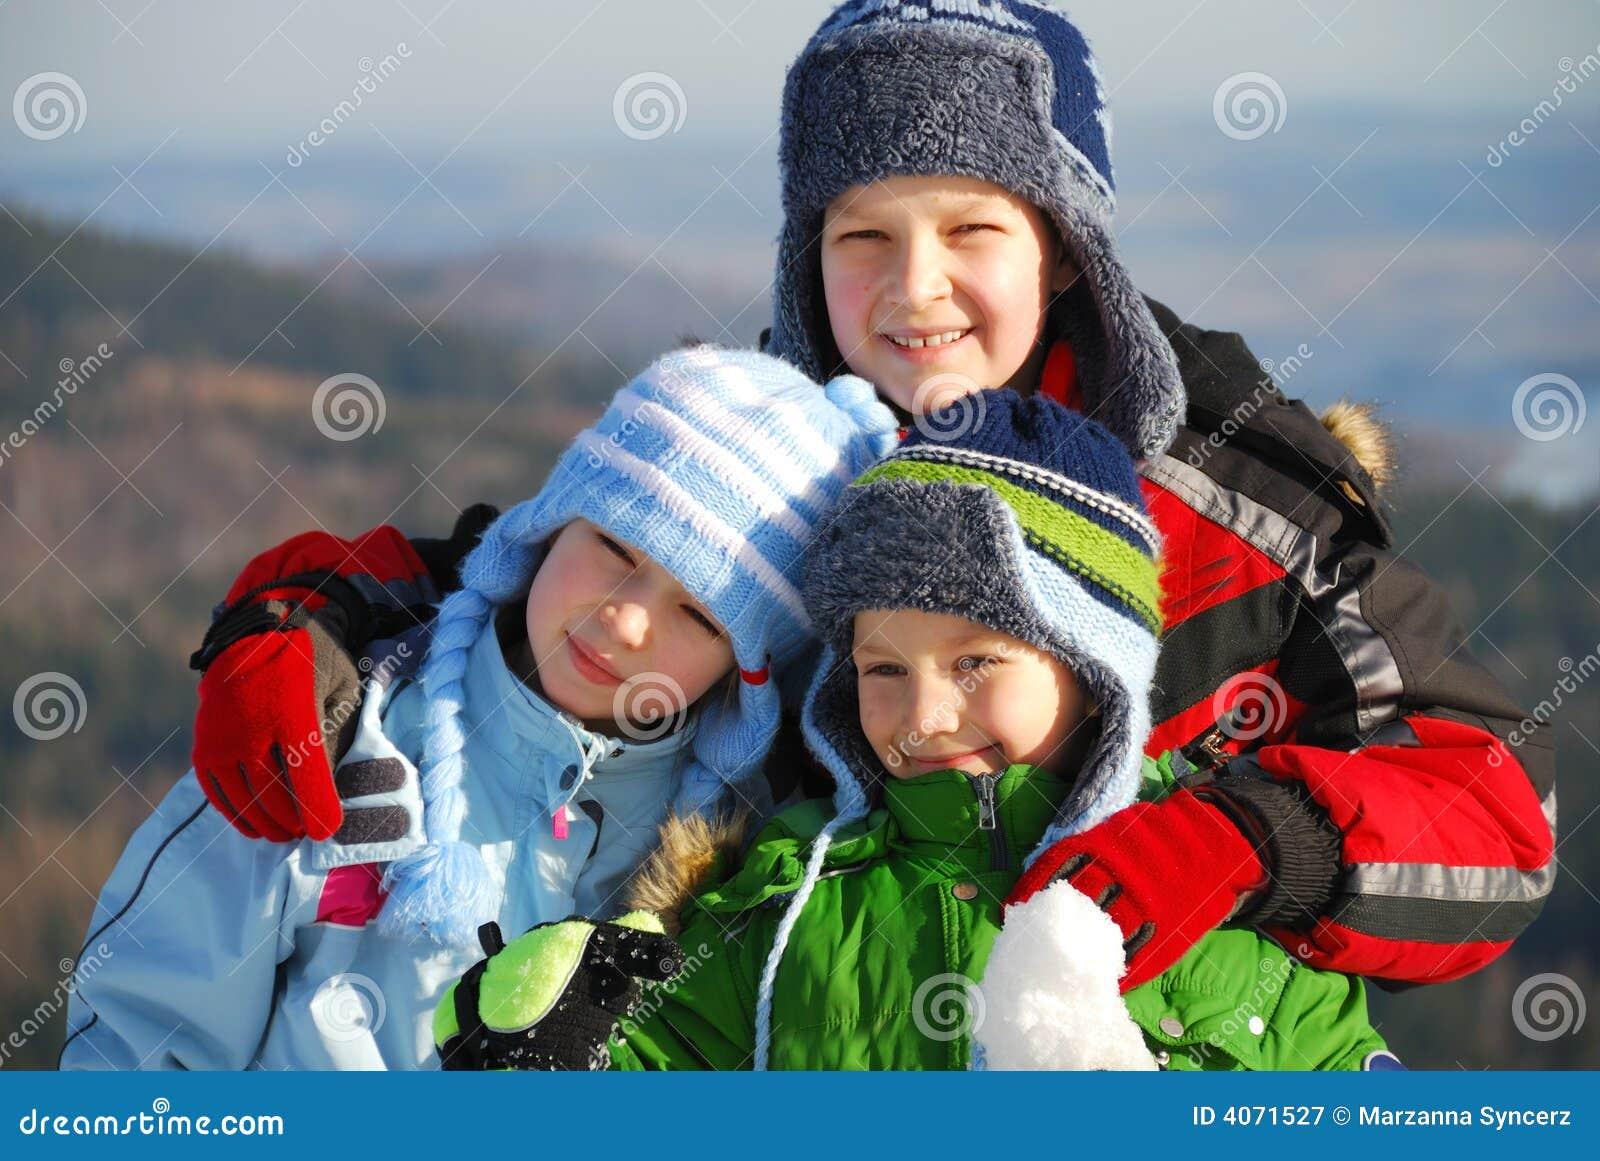 Bambini in inverno.